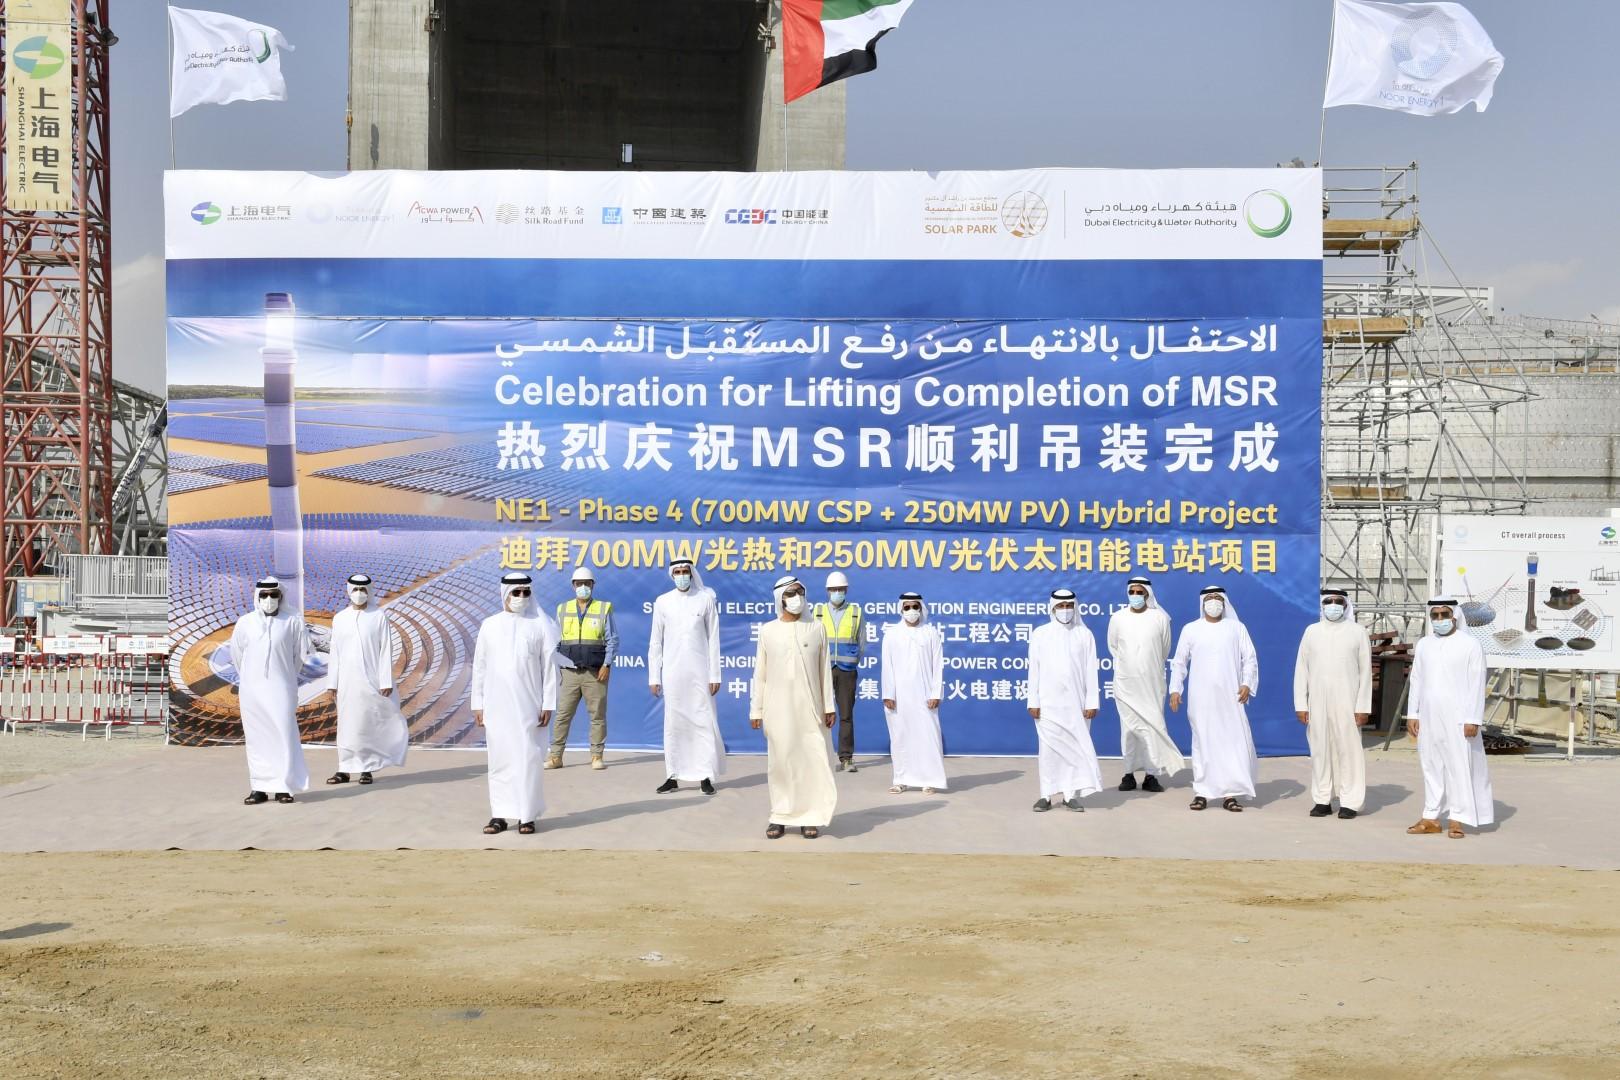 محمد بن راشد يدشِّن مركز الابتكار والمرحلة الثالثة من مُجمَّع الطاقة الشمسية